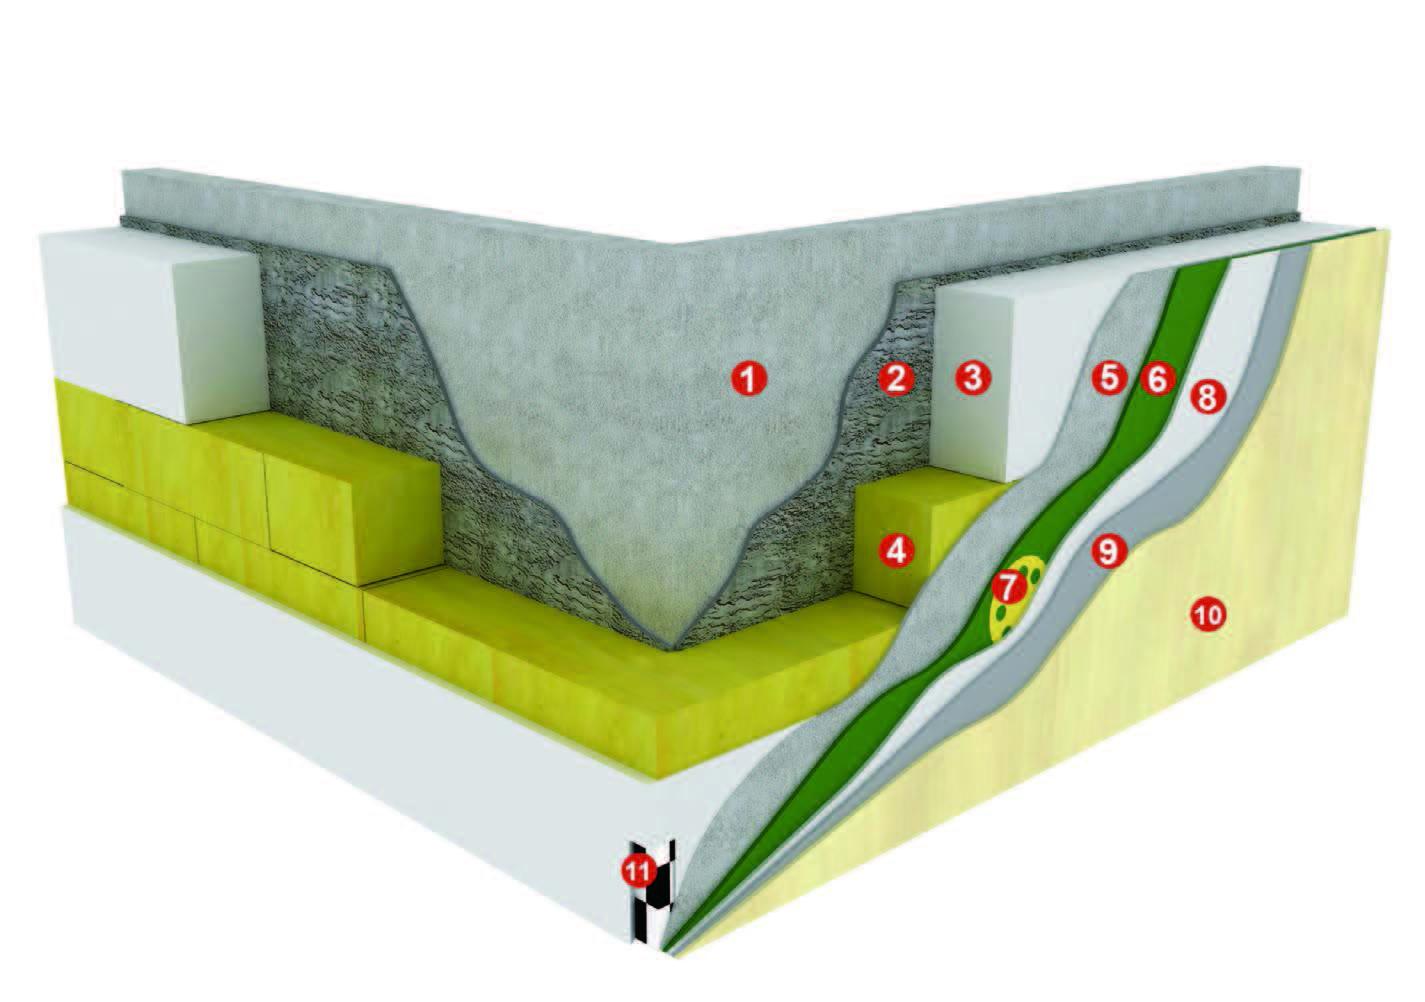 岩棉外墙保温系统的要求是什么?小编带你了解一下